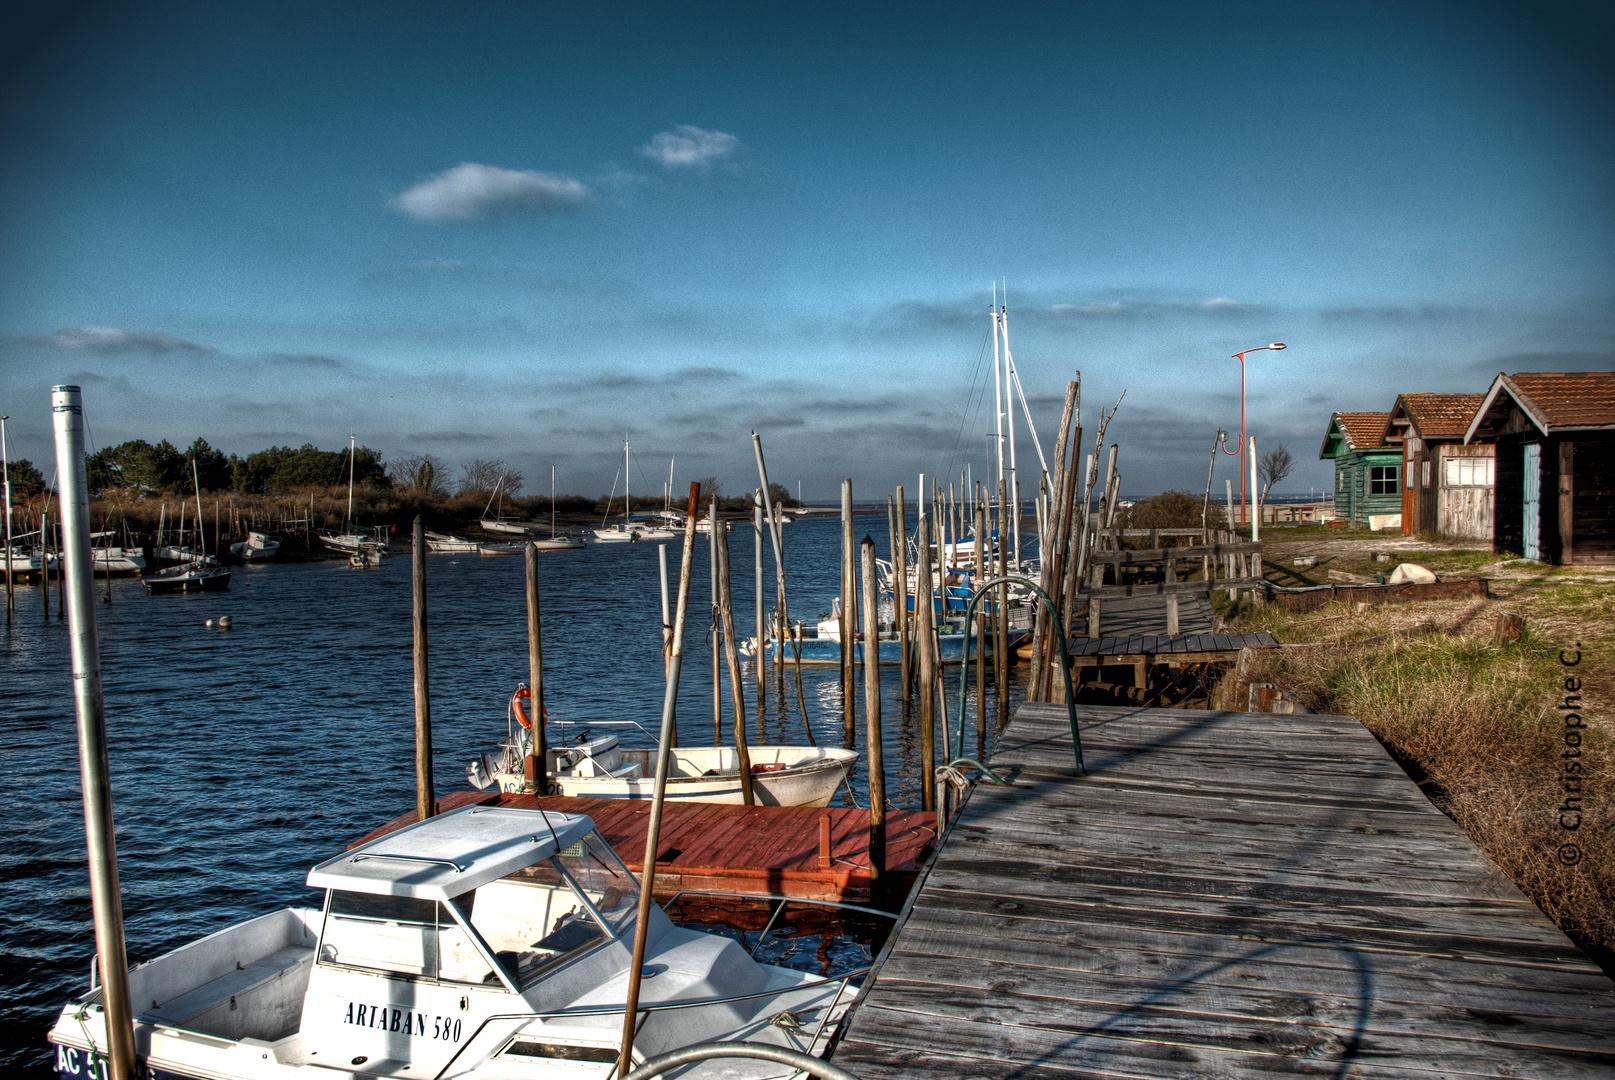 Vue sur le port de La Hume - Bassin d'Arcachon [33]